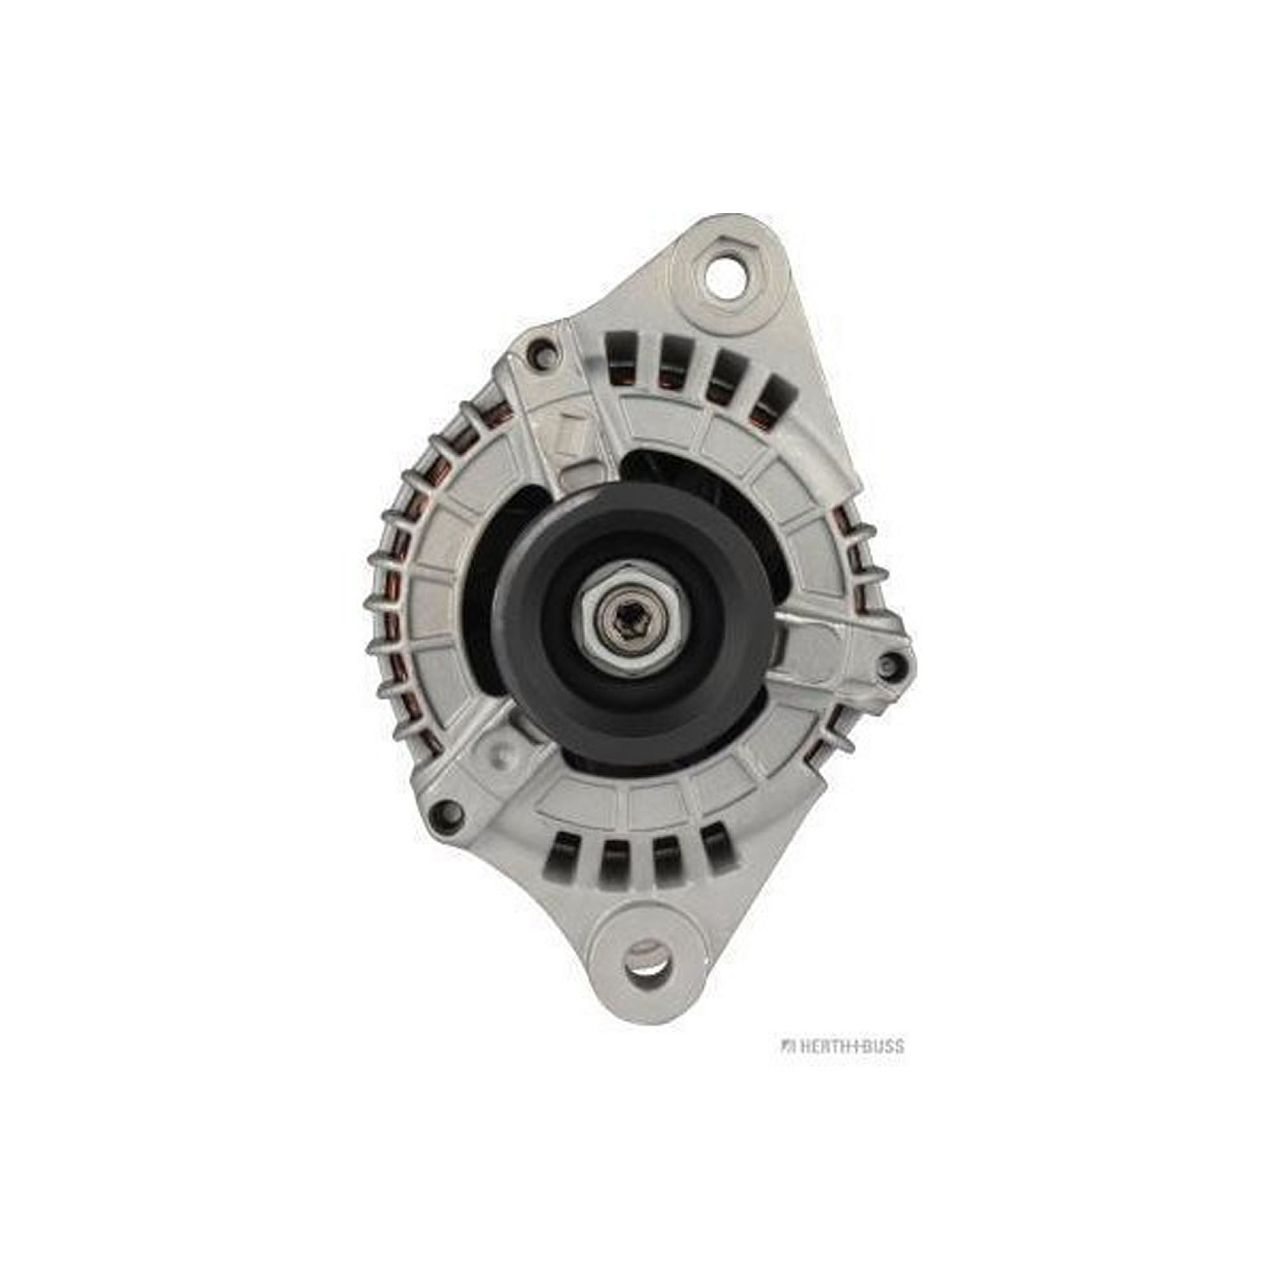 HERTH+BUSS ELPARTS Lichtmaschine 14V 100A ALFA ROMEO 145 146 155 GTV SPIDER